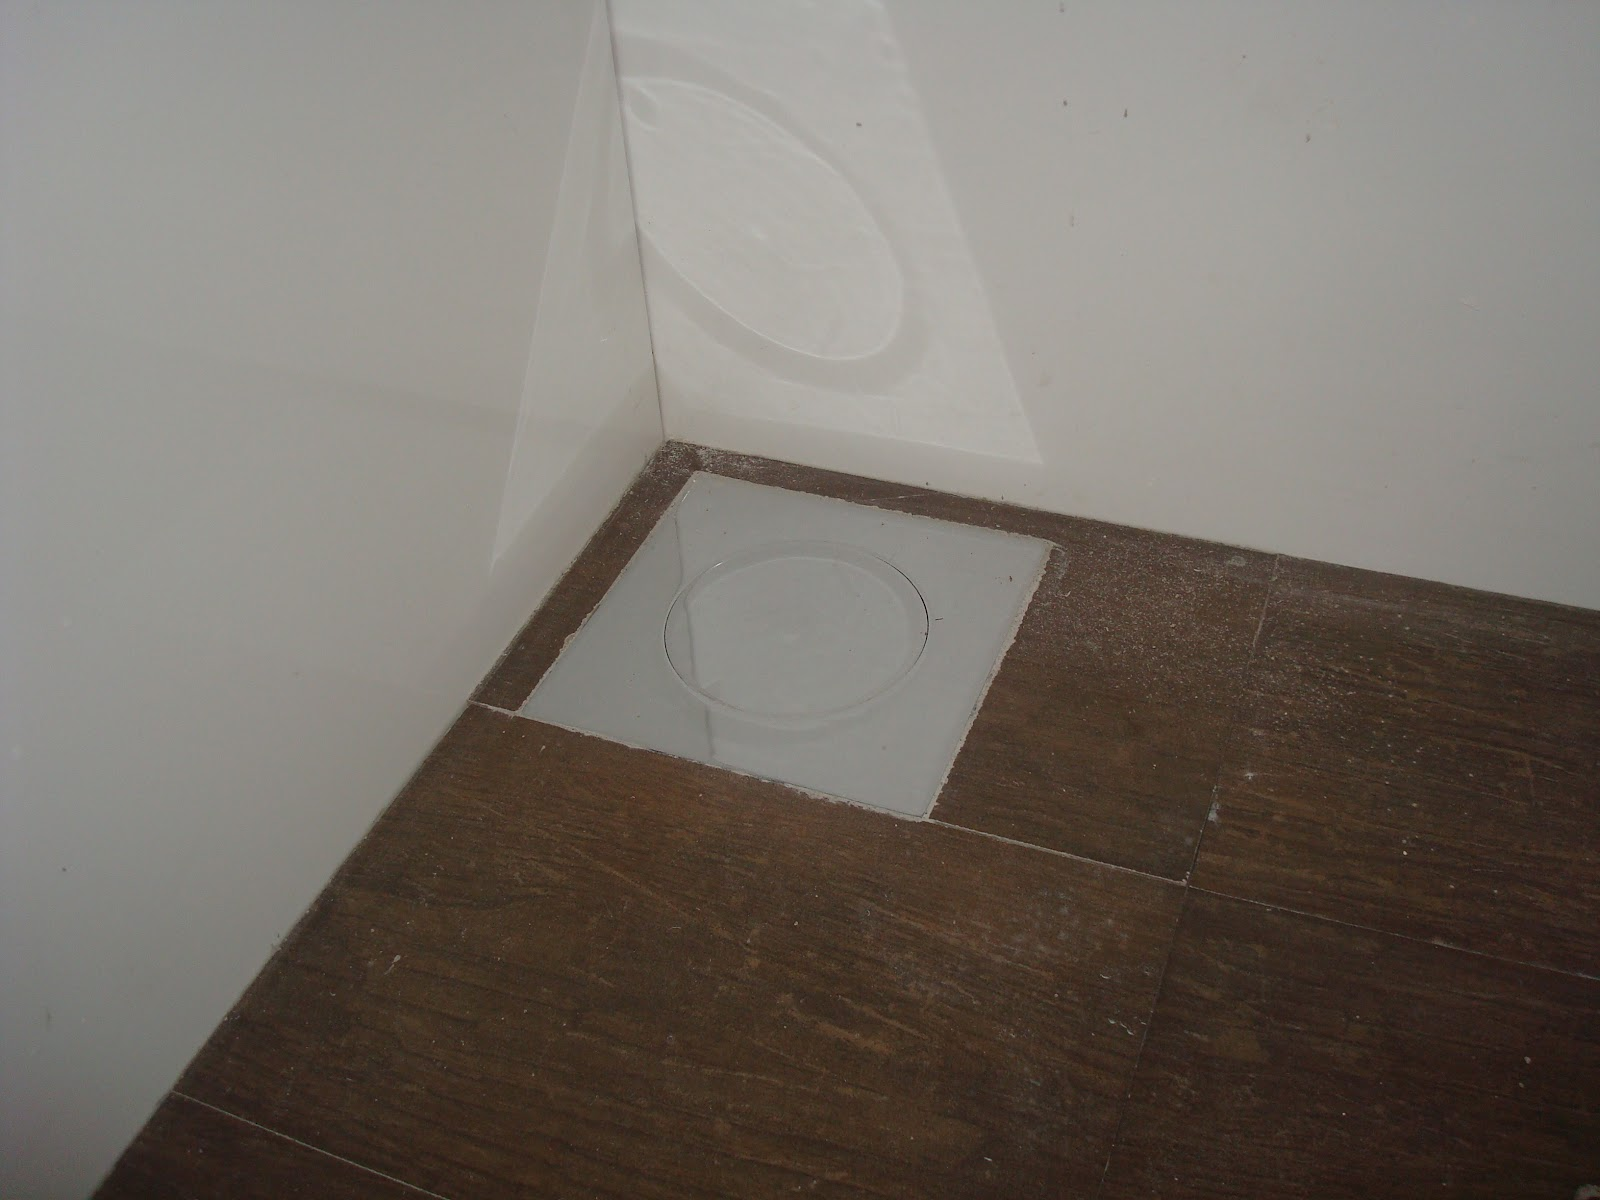 Construindo um Castelinho Banheiro da Churrasqueira -> Ralo De Pia De Banheiro Deca